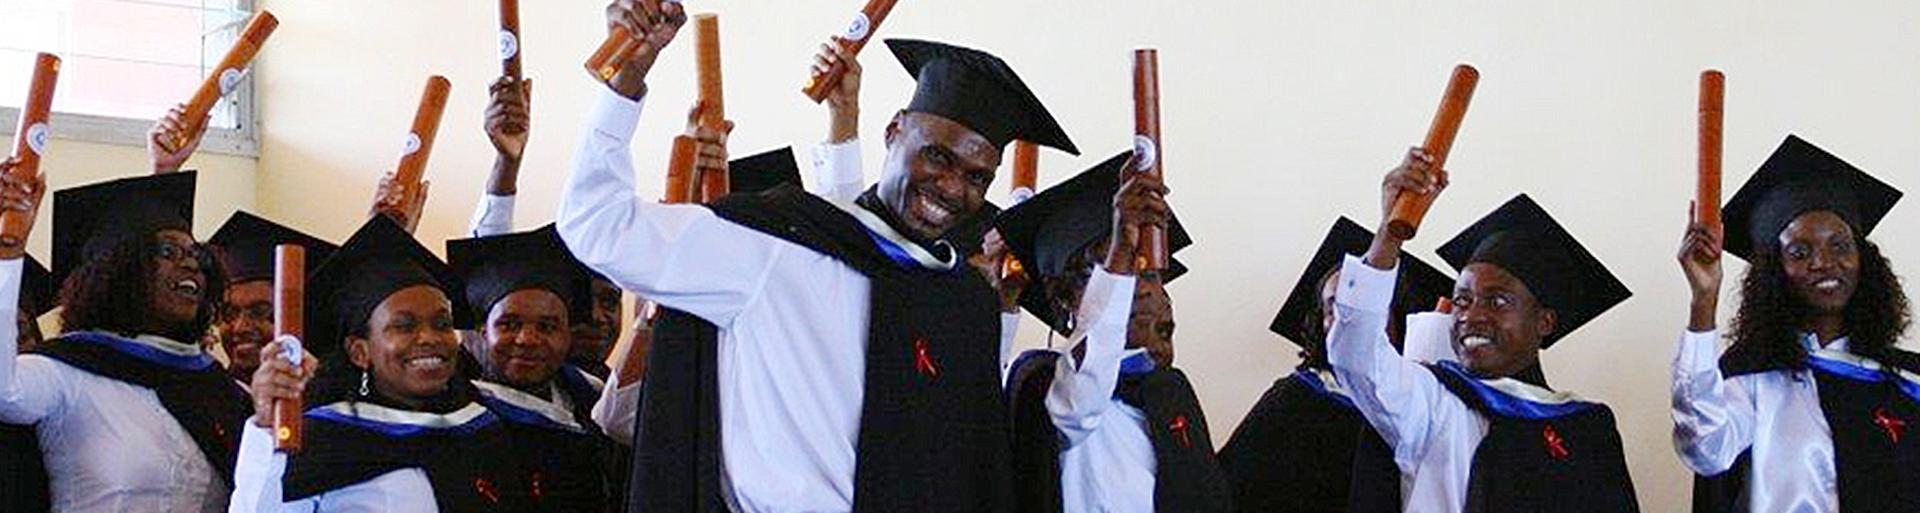 Stichting Studiebeurs voor Studenten in Afrika